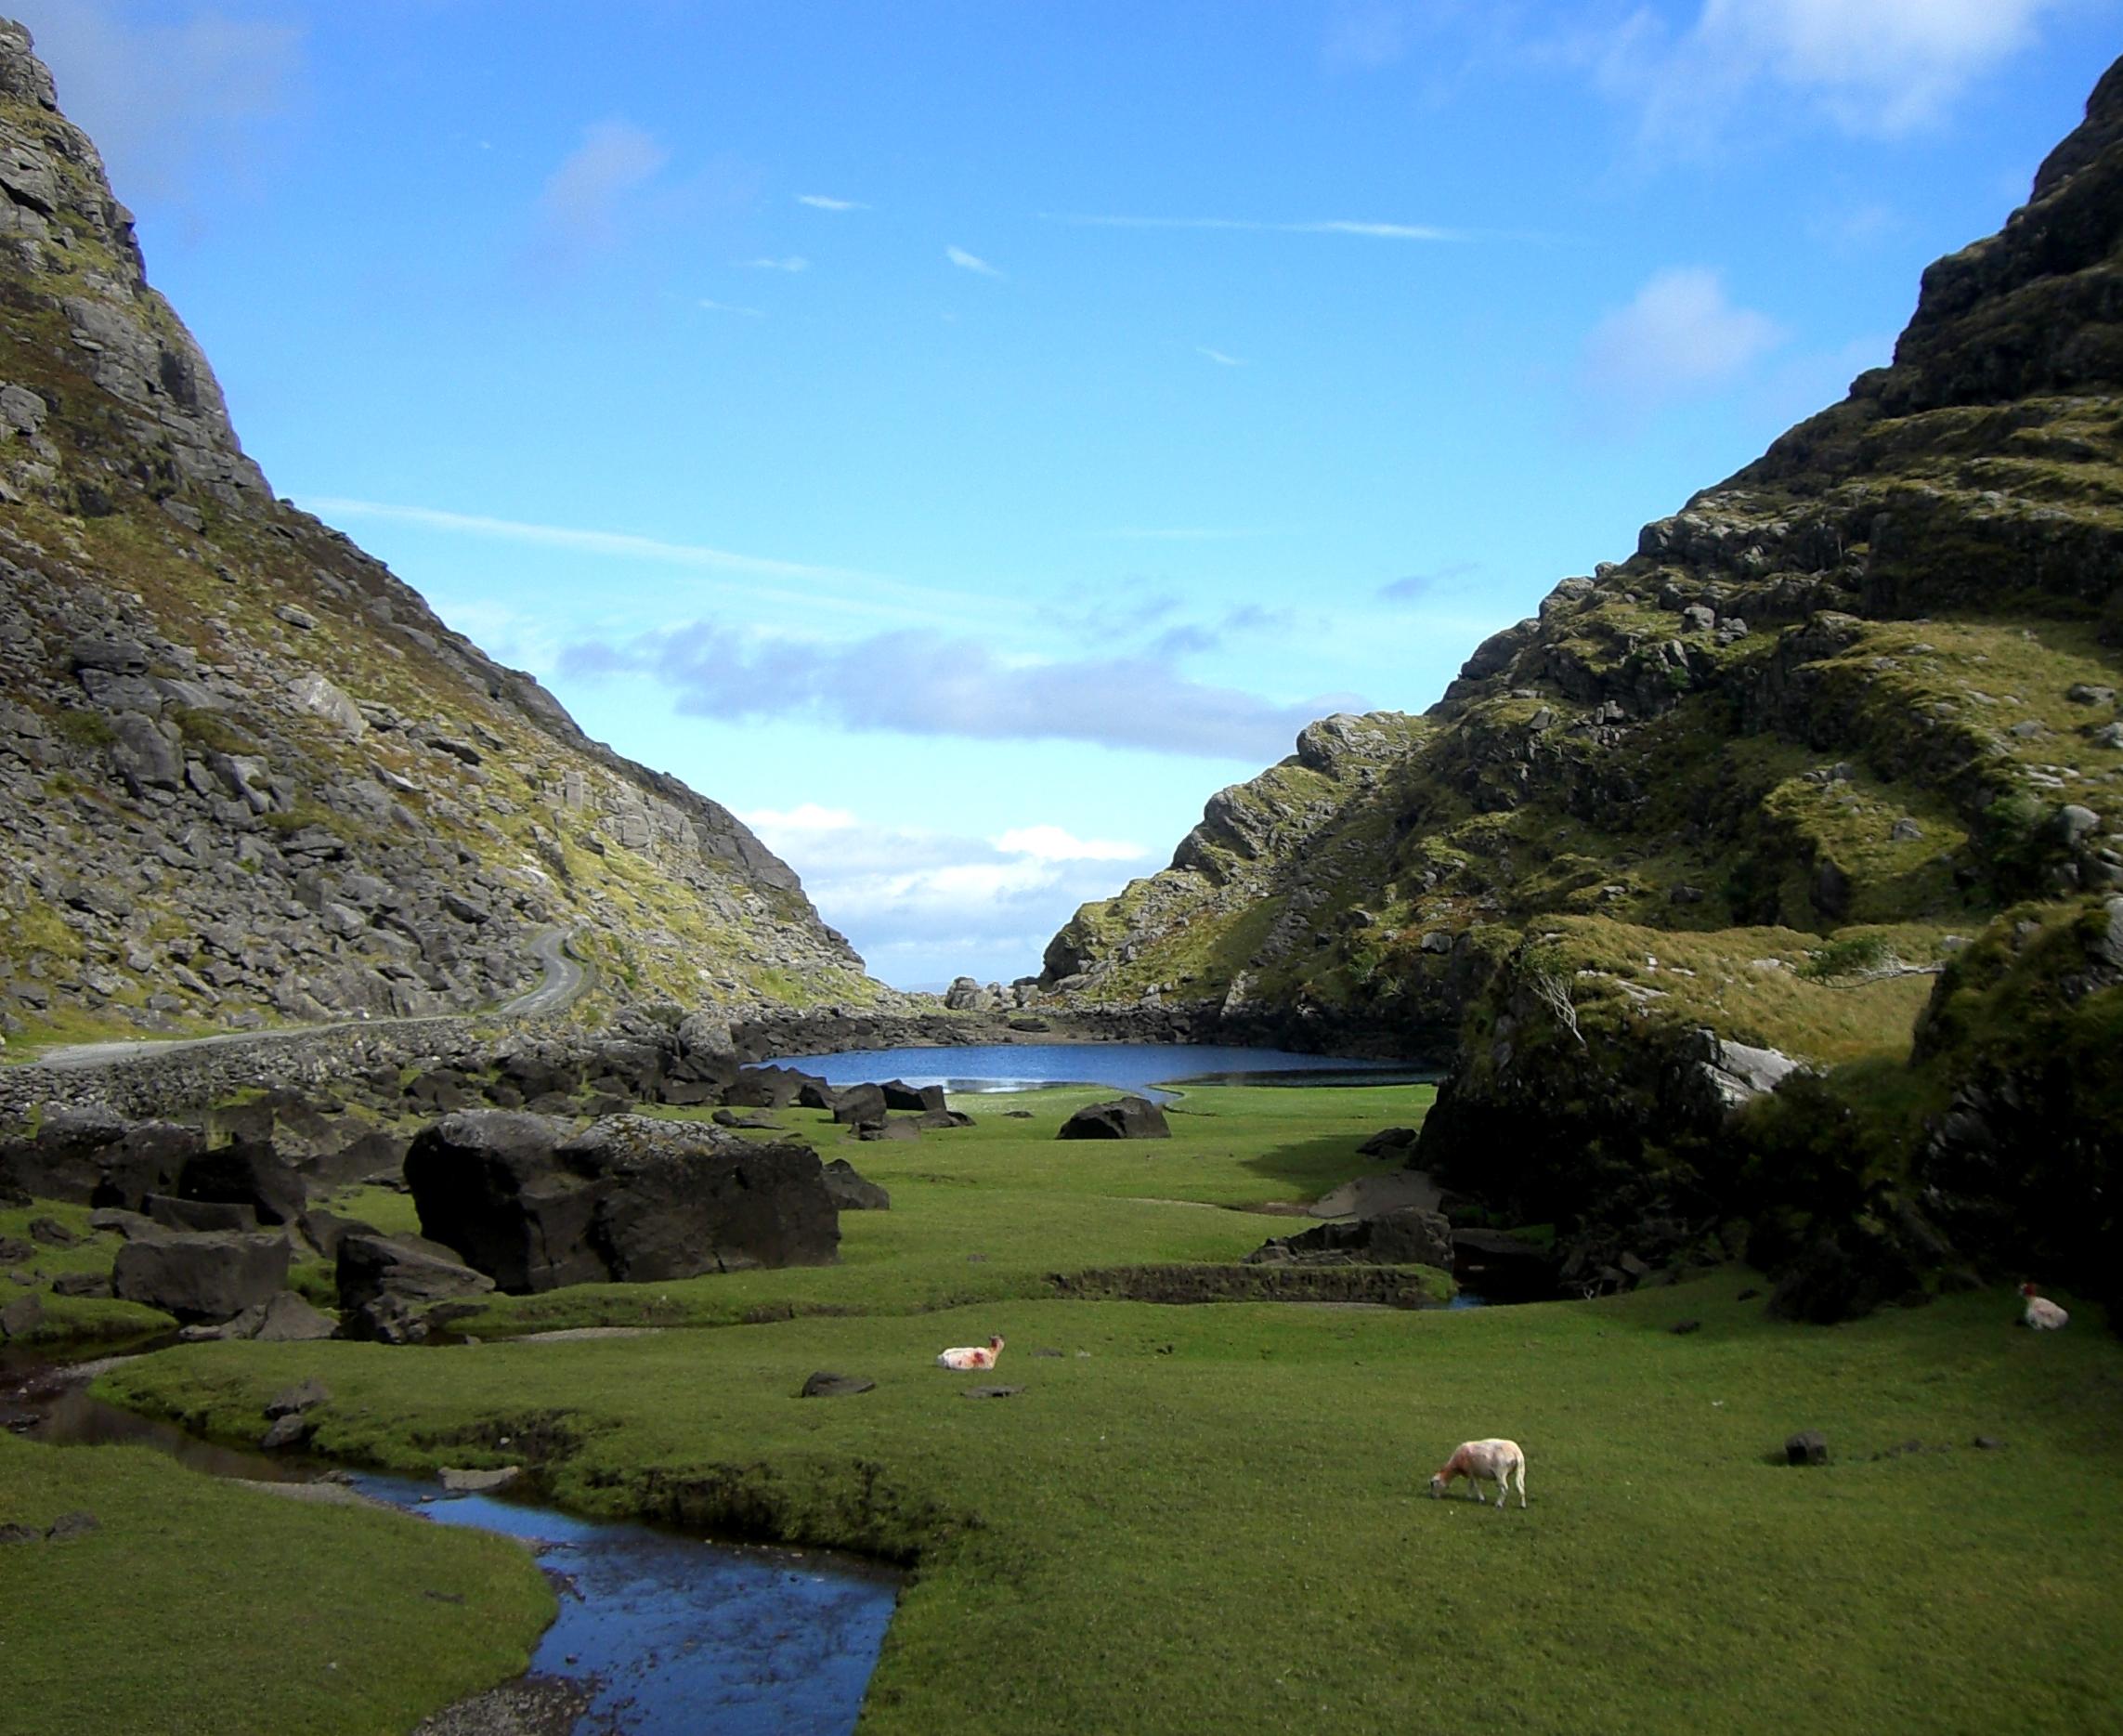 Ireland 6 by LeikyaStock